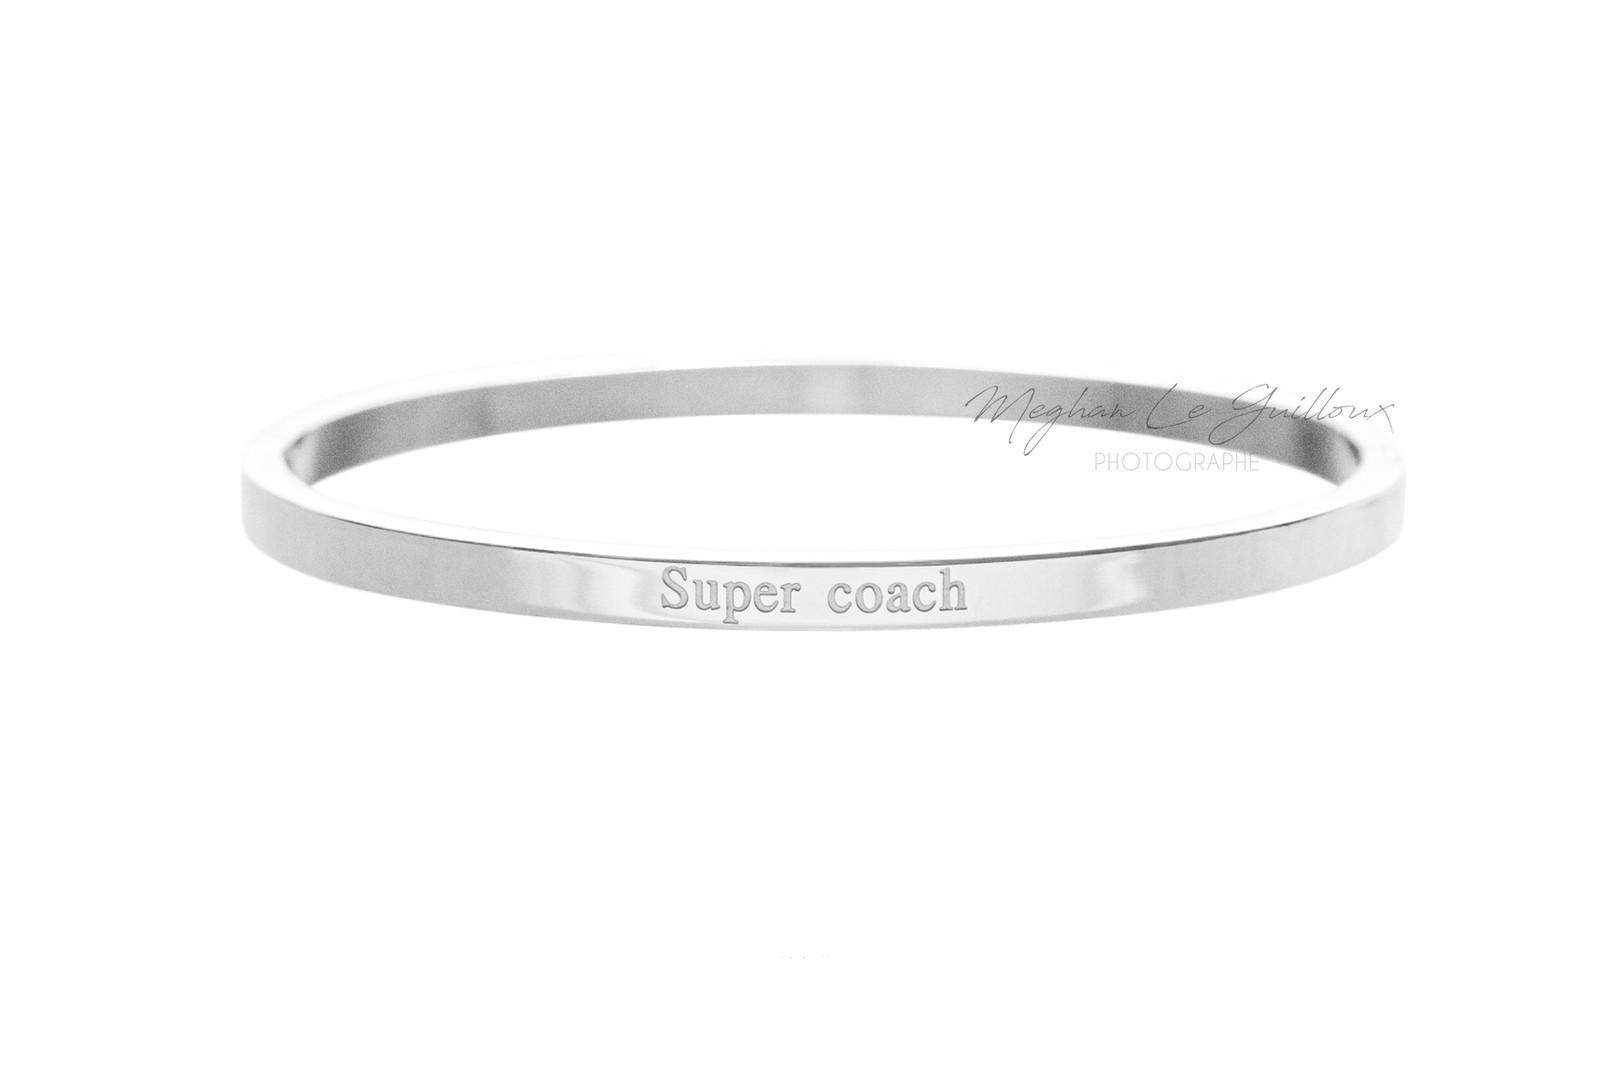 Super Coach